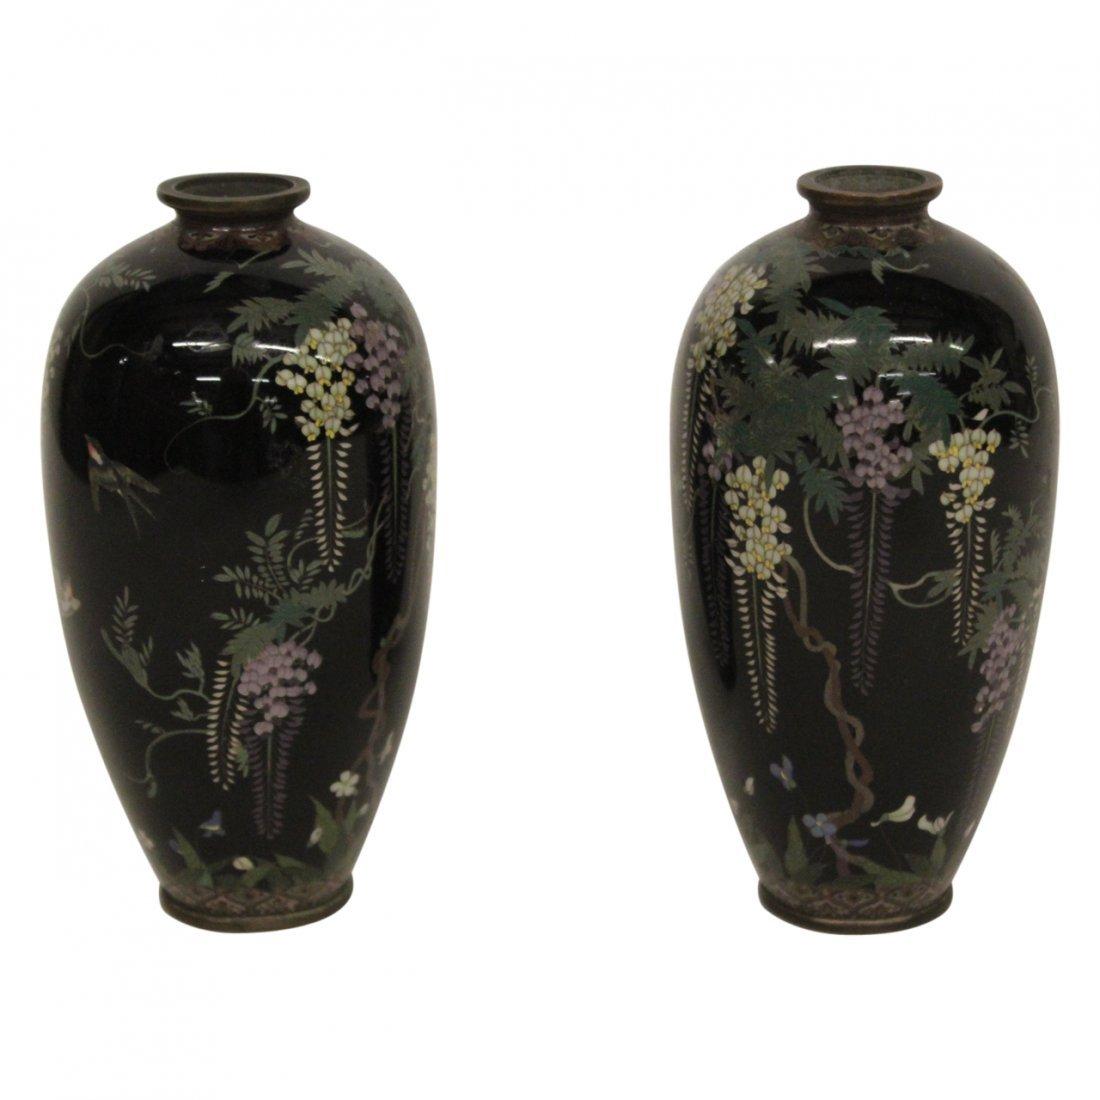 Pair of Antique Japanese Cloisonné Vase